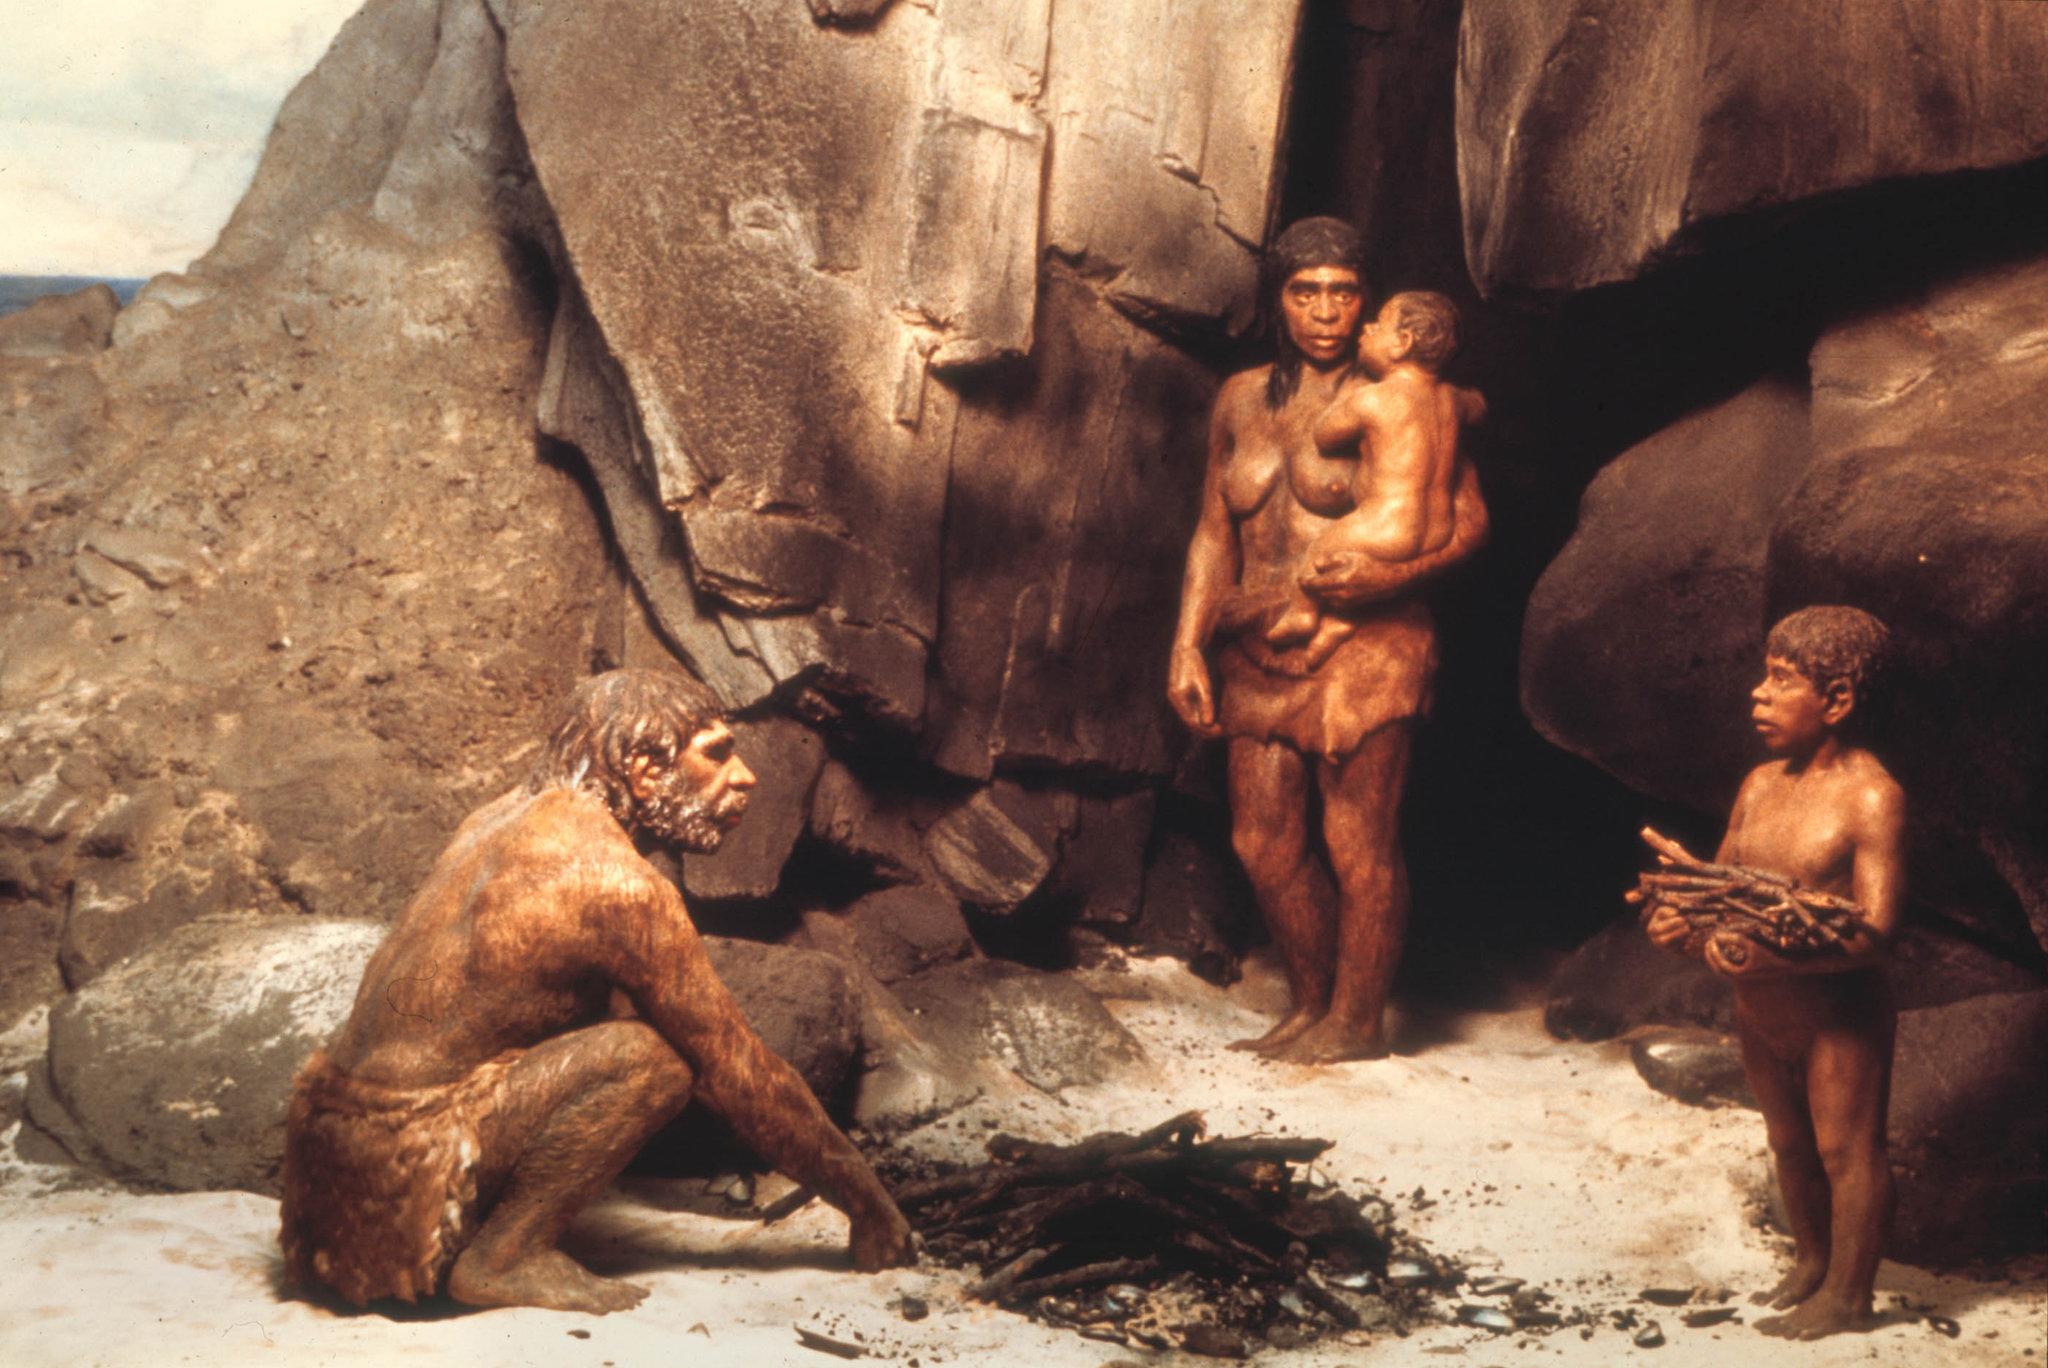 neanderthals_7_20130806_2024672951 Предложена новая версия причины вымирания неандертальцев